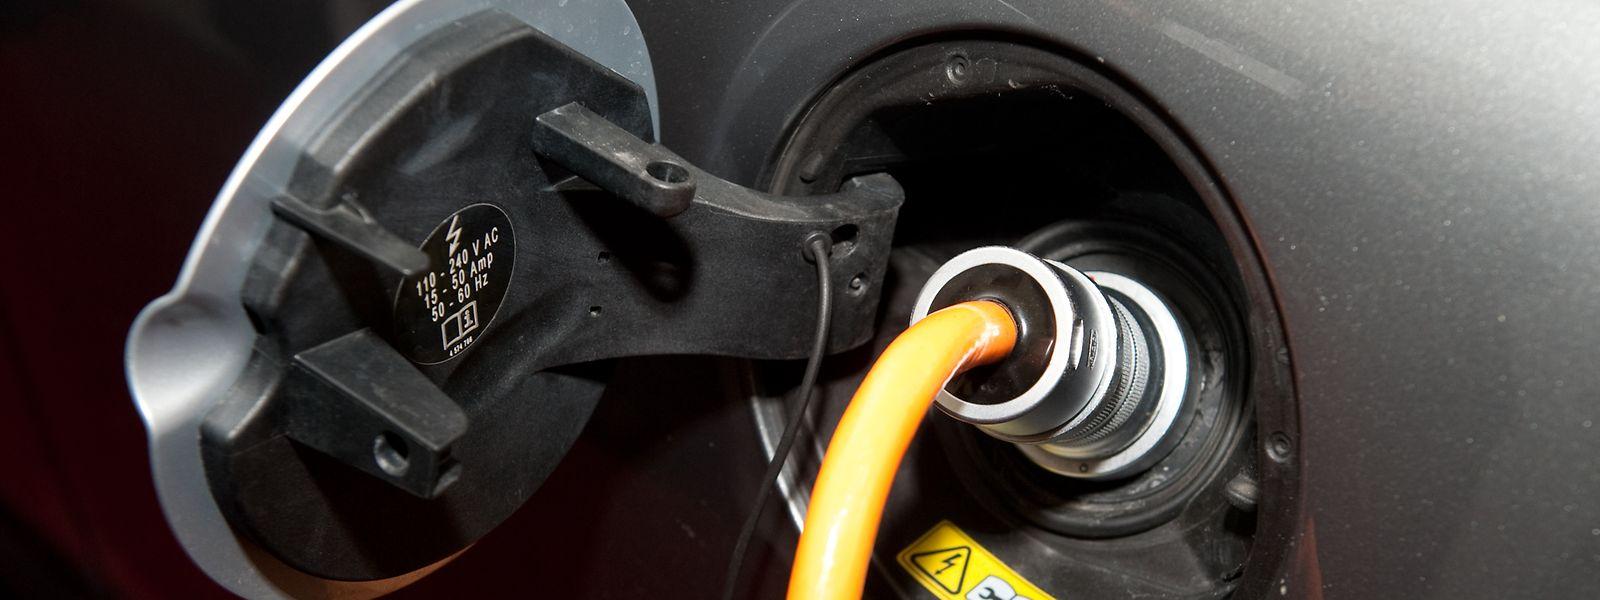 La prise en charge de l'Etat s'élève jusqu'à 50% de l'ensemble de la station de recharge électrique avec un montant plafonné entre 750 et 1.650 euros.